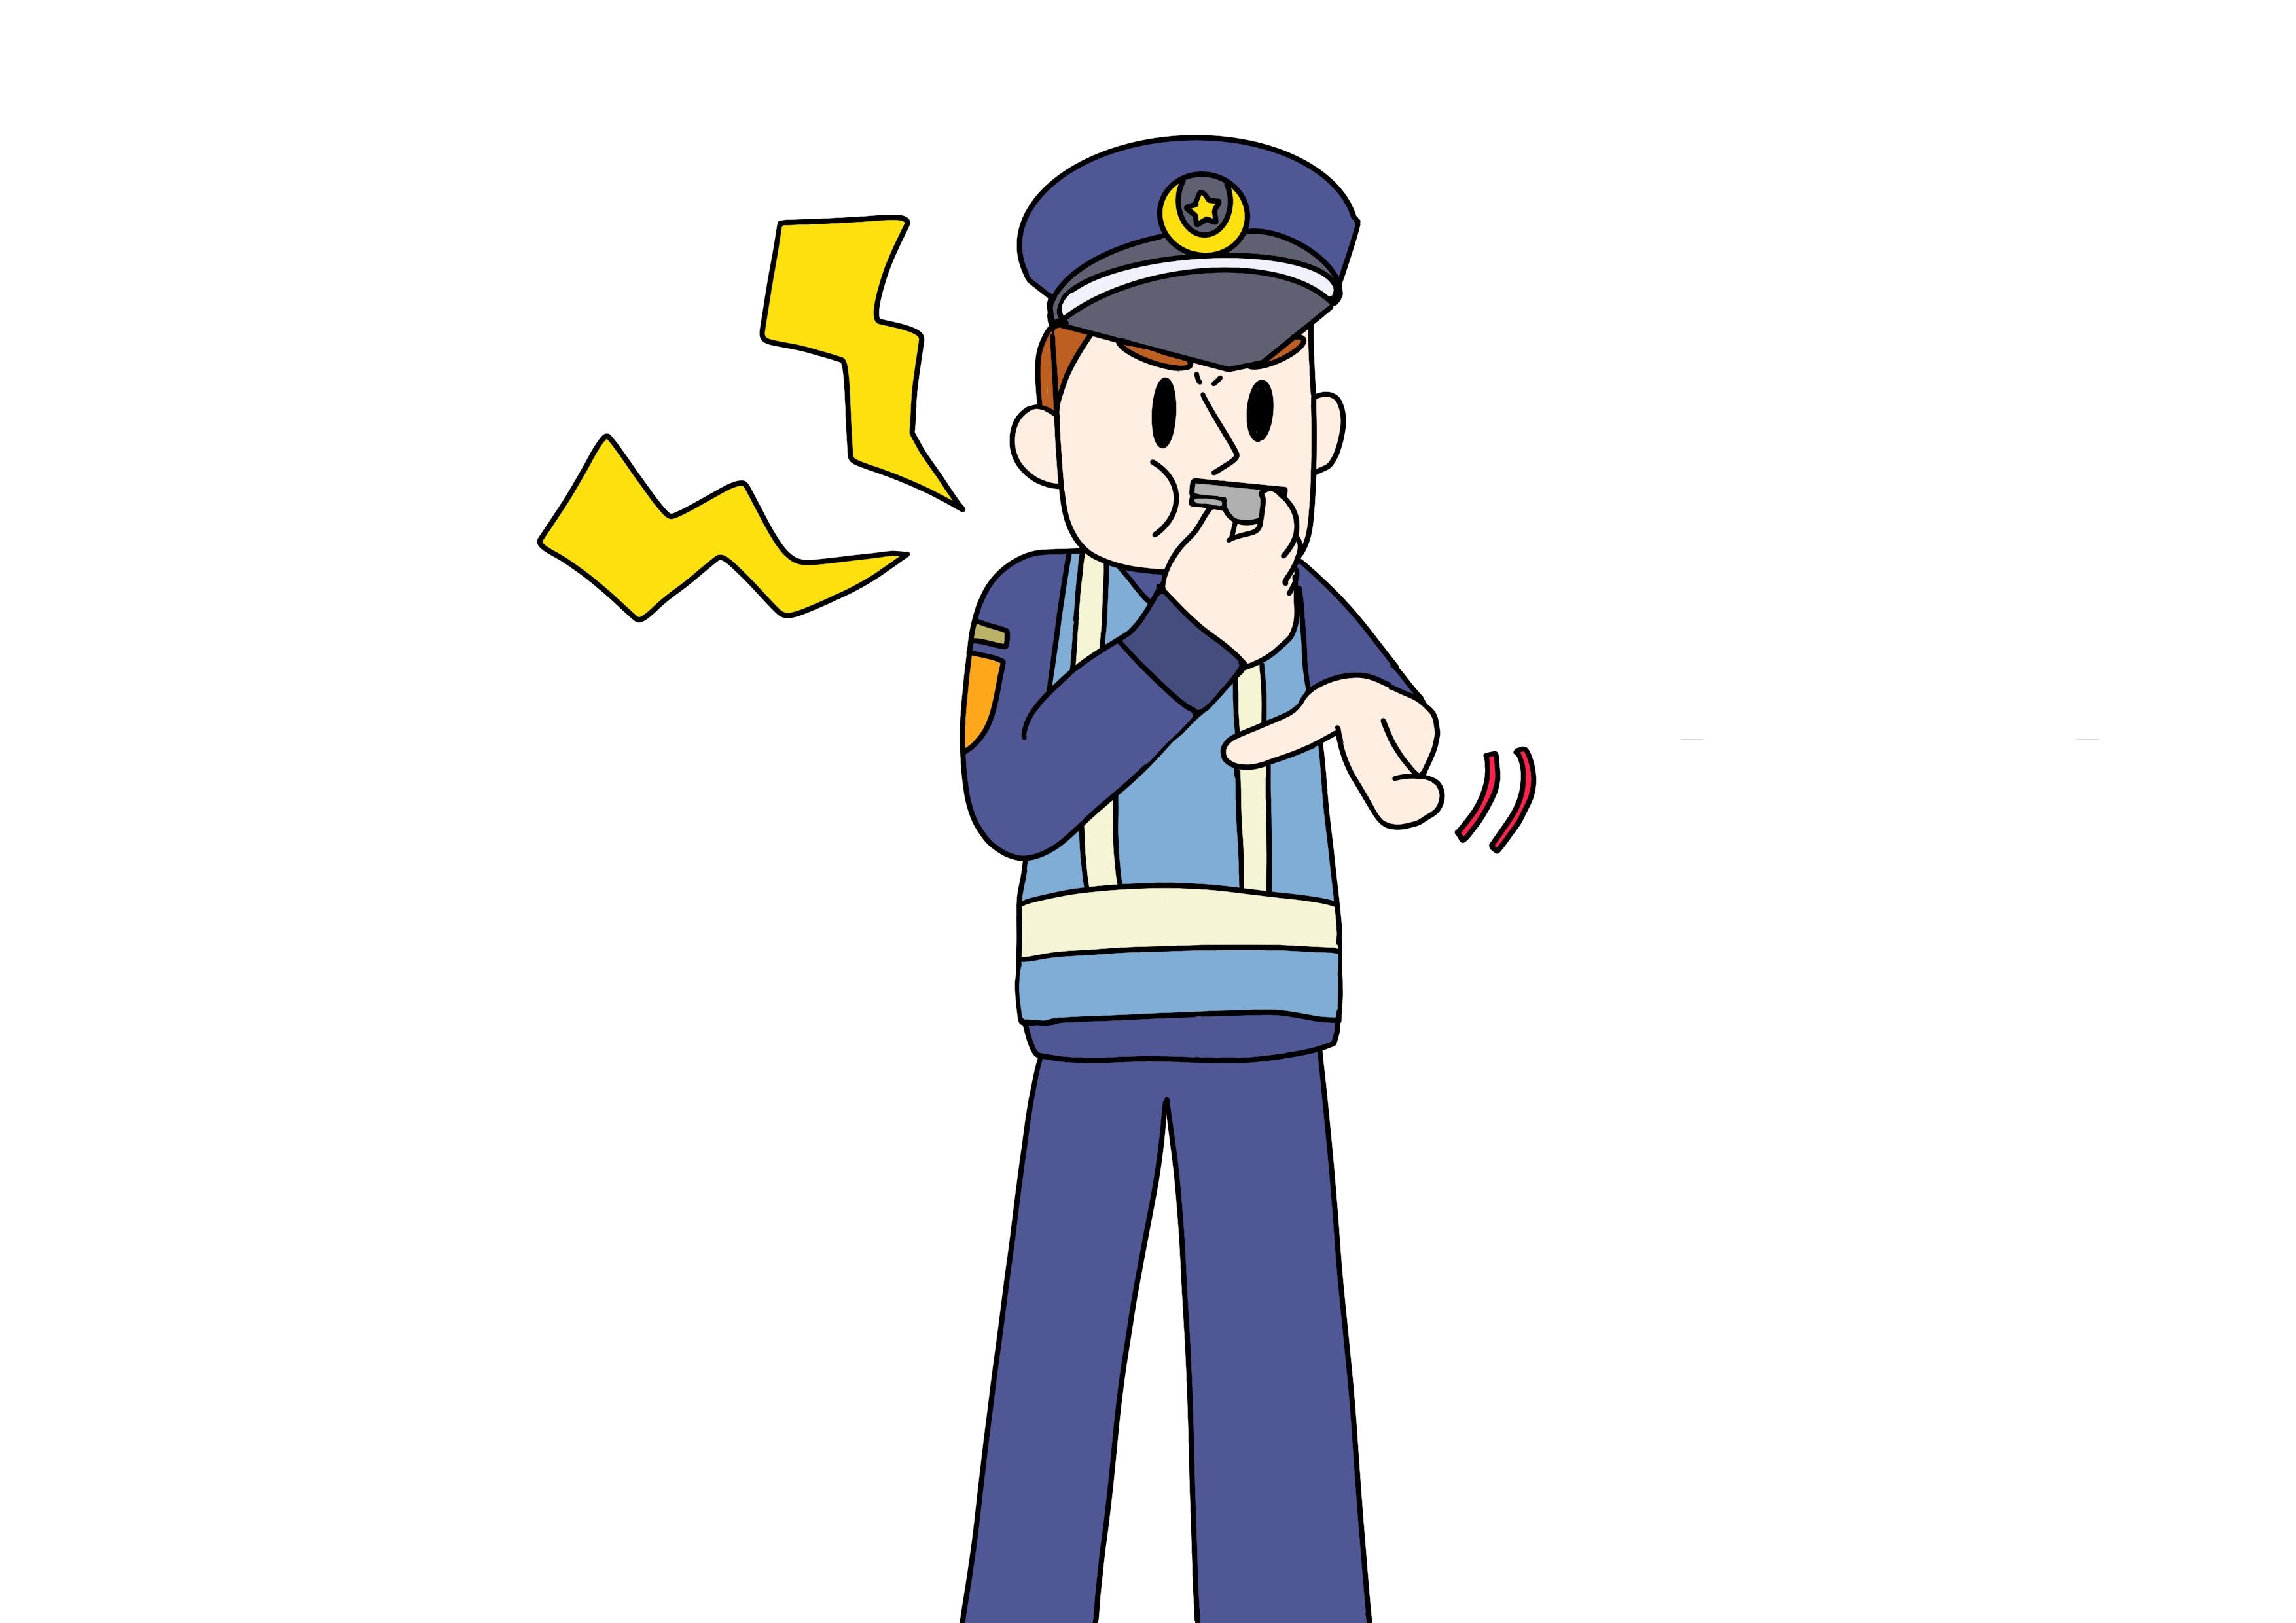 37課イラスト【注意する警官】